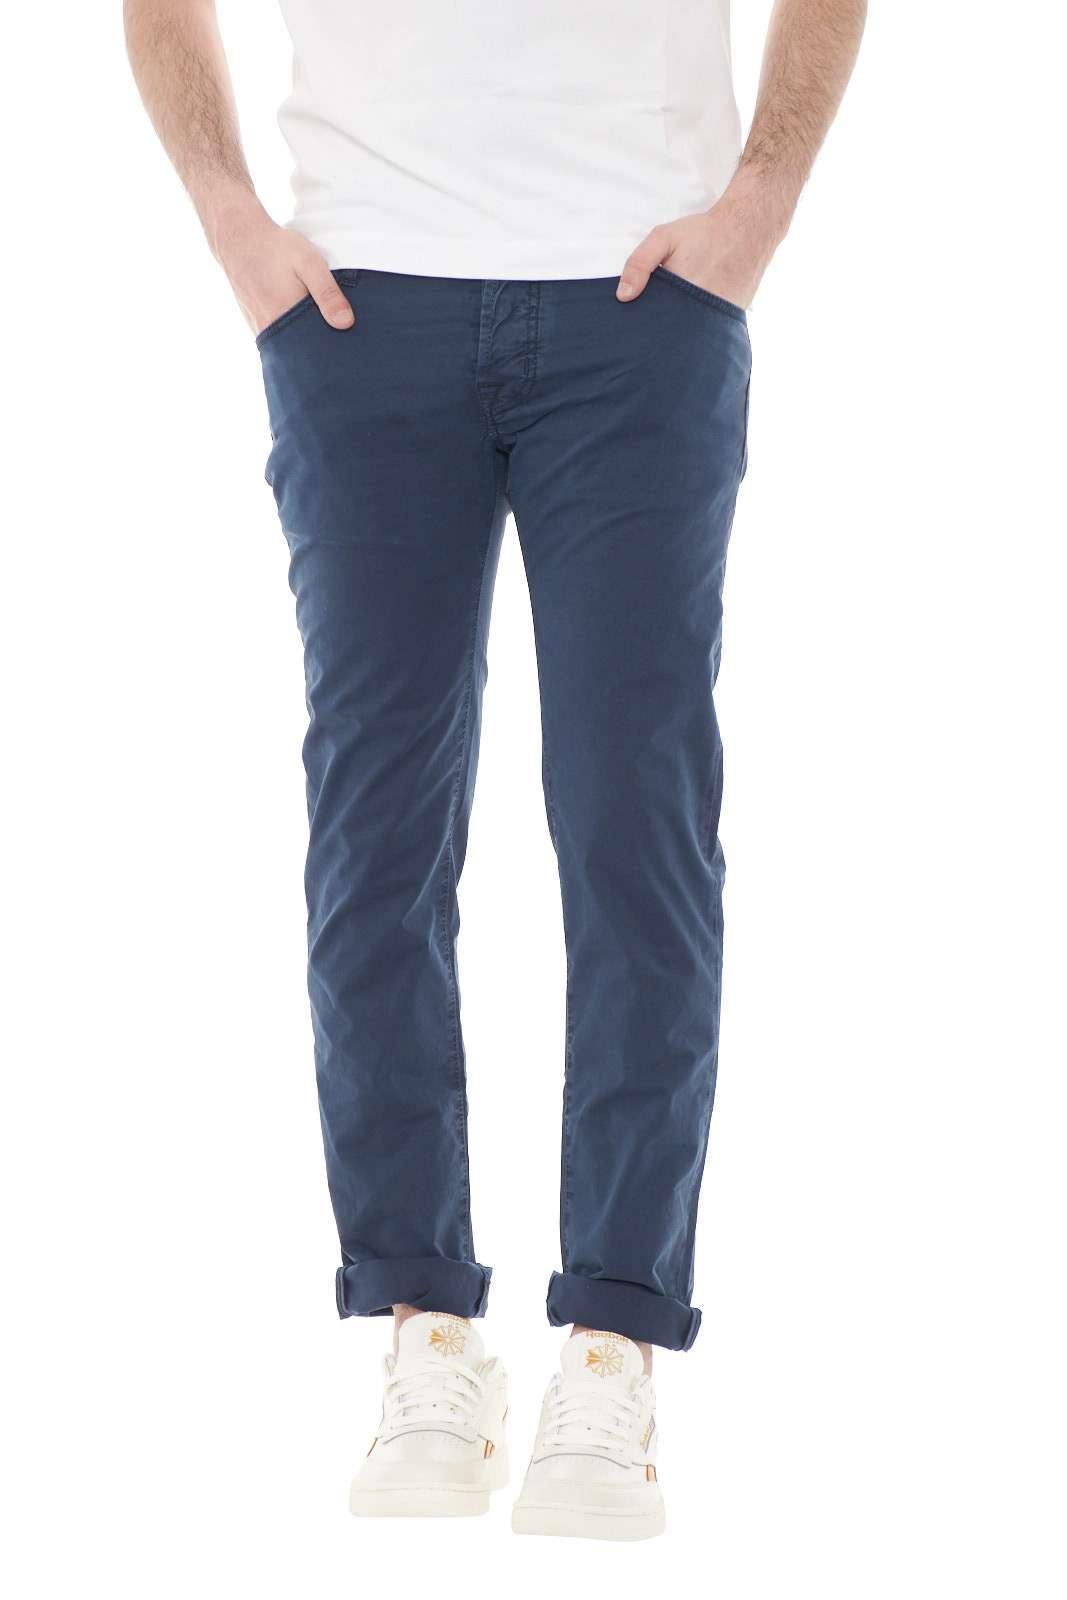 Un pantalone iconico quello proposto dalla collezione Jacob Cohen. Comodo, stiloso e pratico, diventerà indispensabile per i tuoi outfit, da quello più casual, a quello più curato ed elegante.